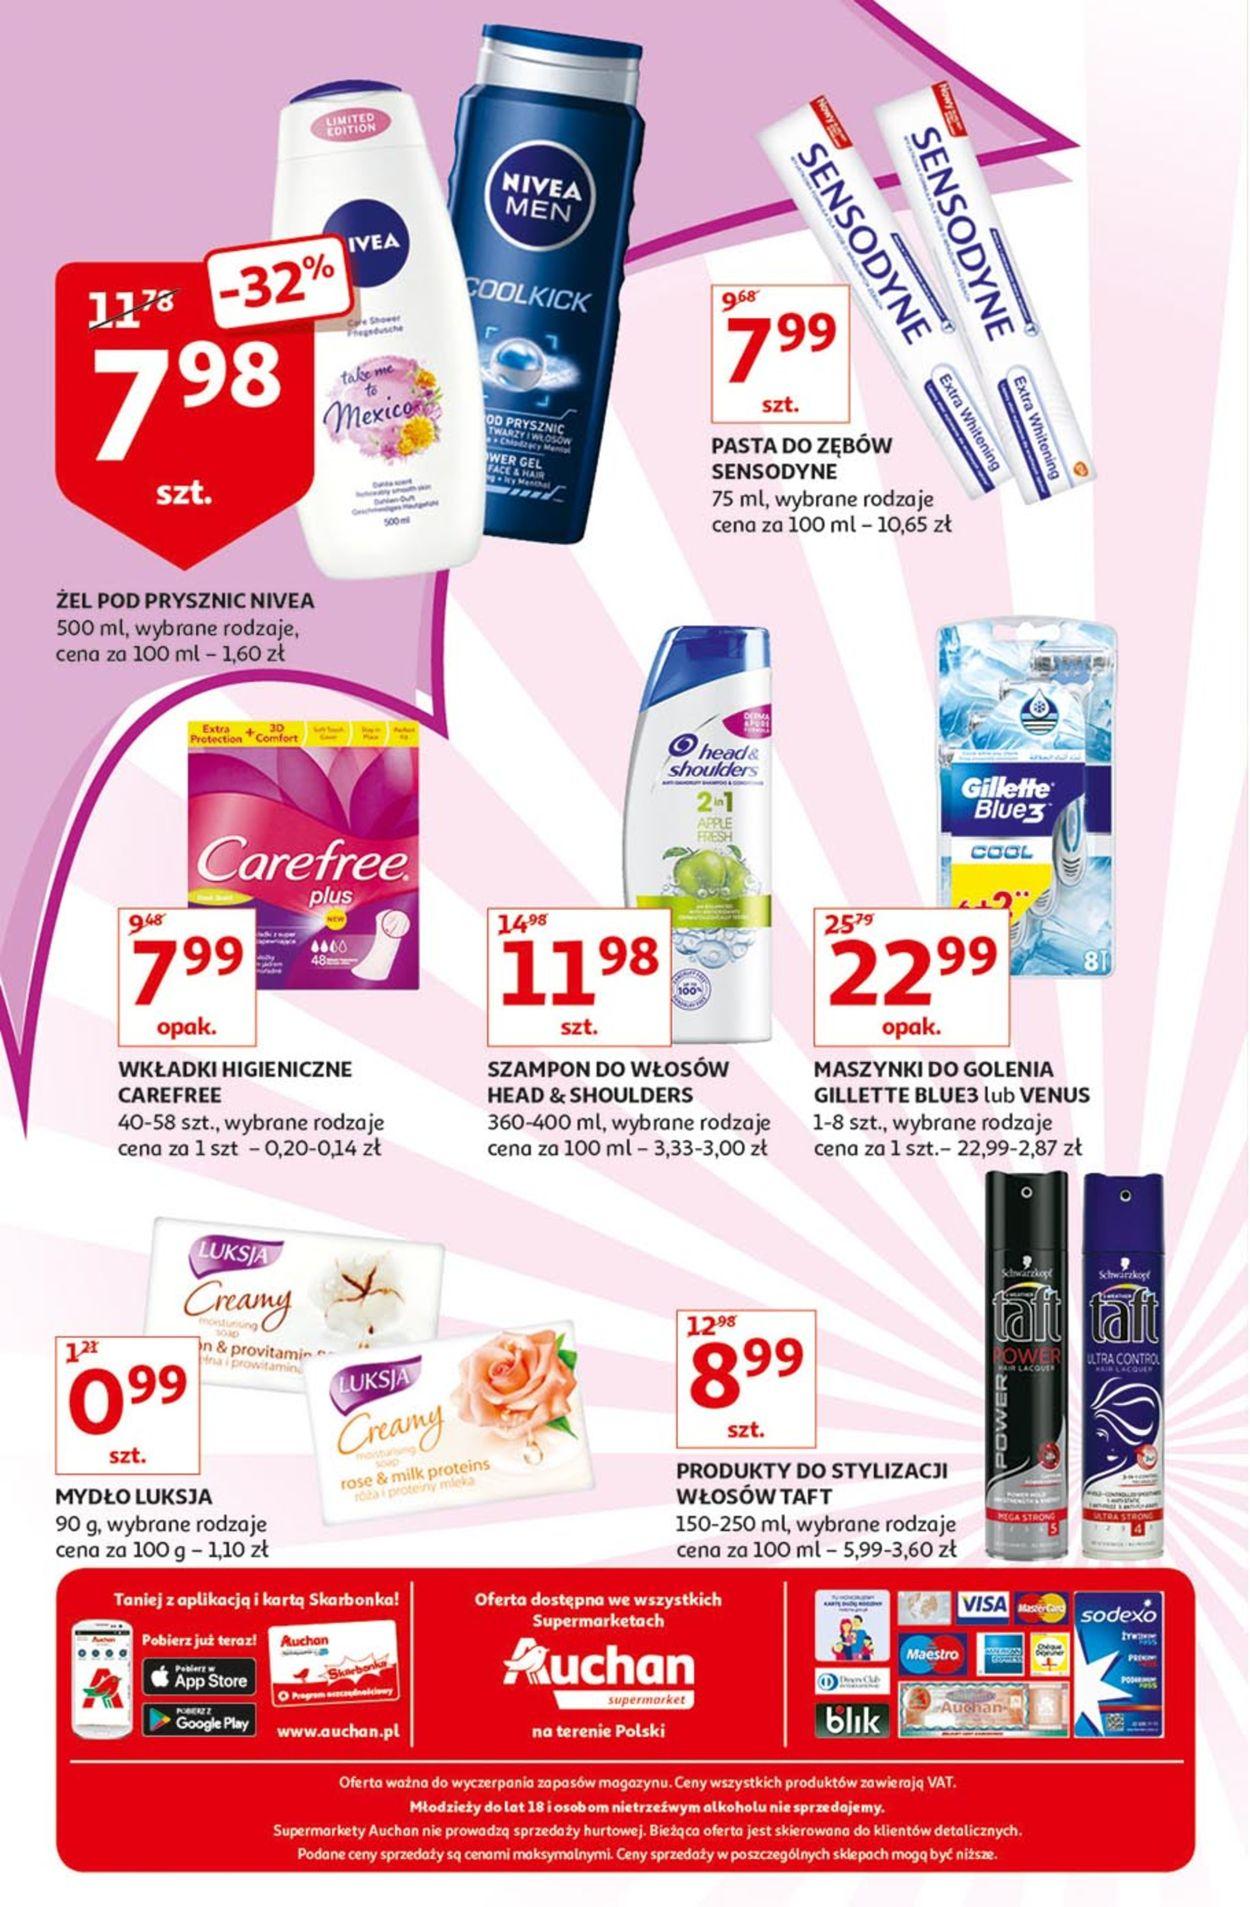 Gazetka promocyjna Auchan - 16.08-21.08.2019